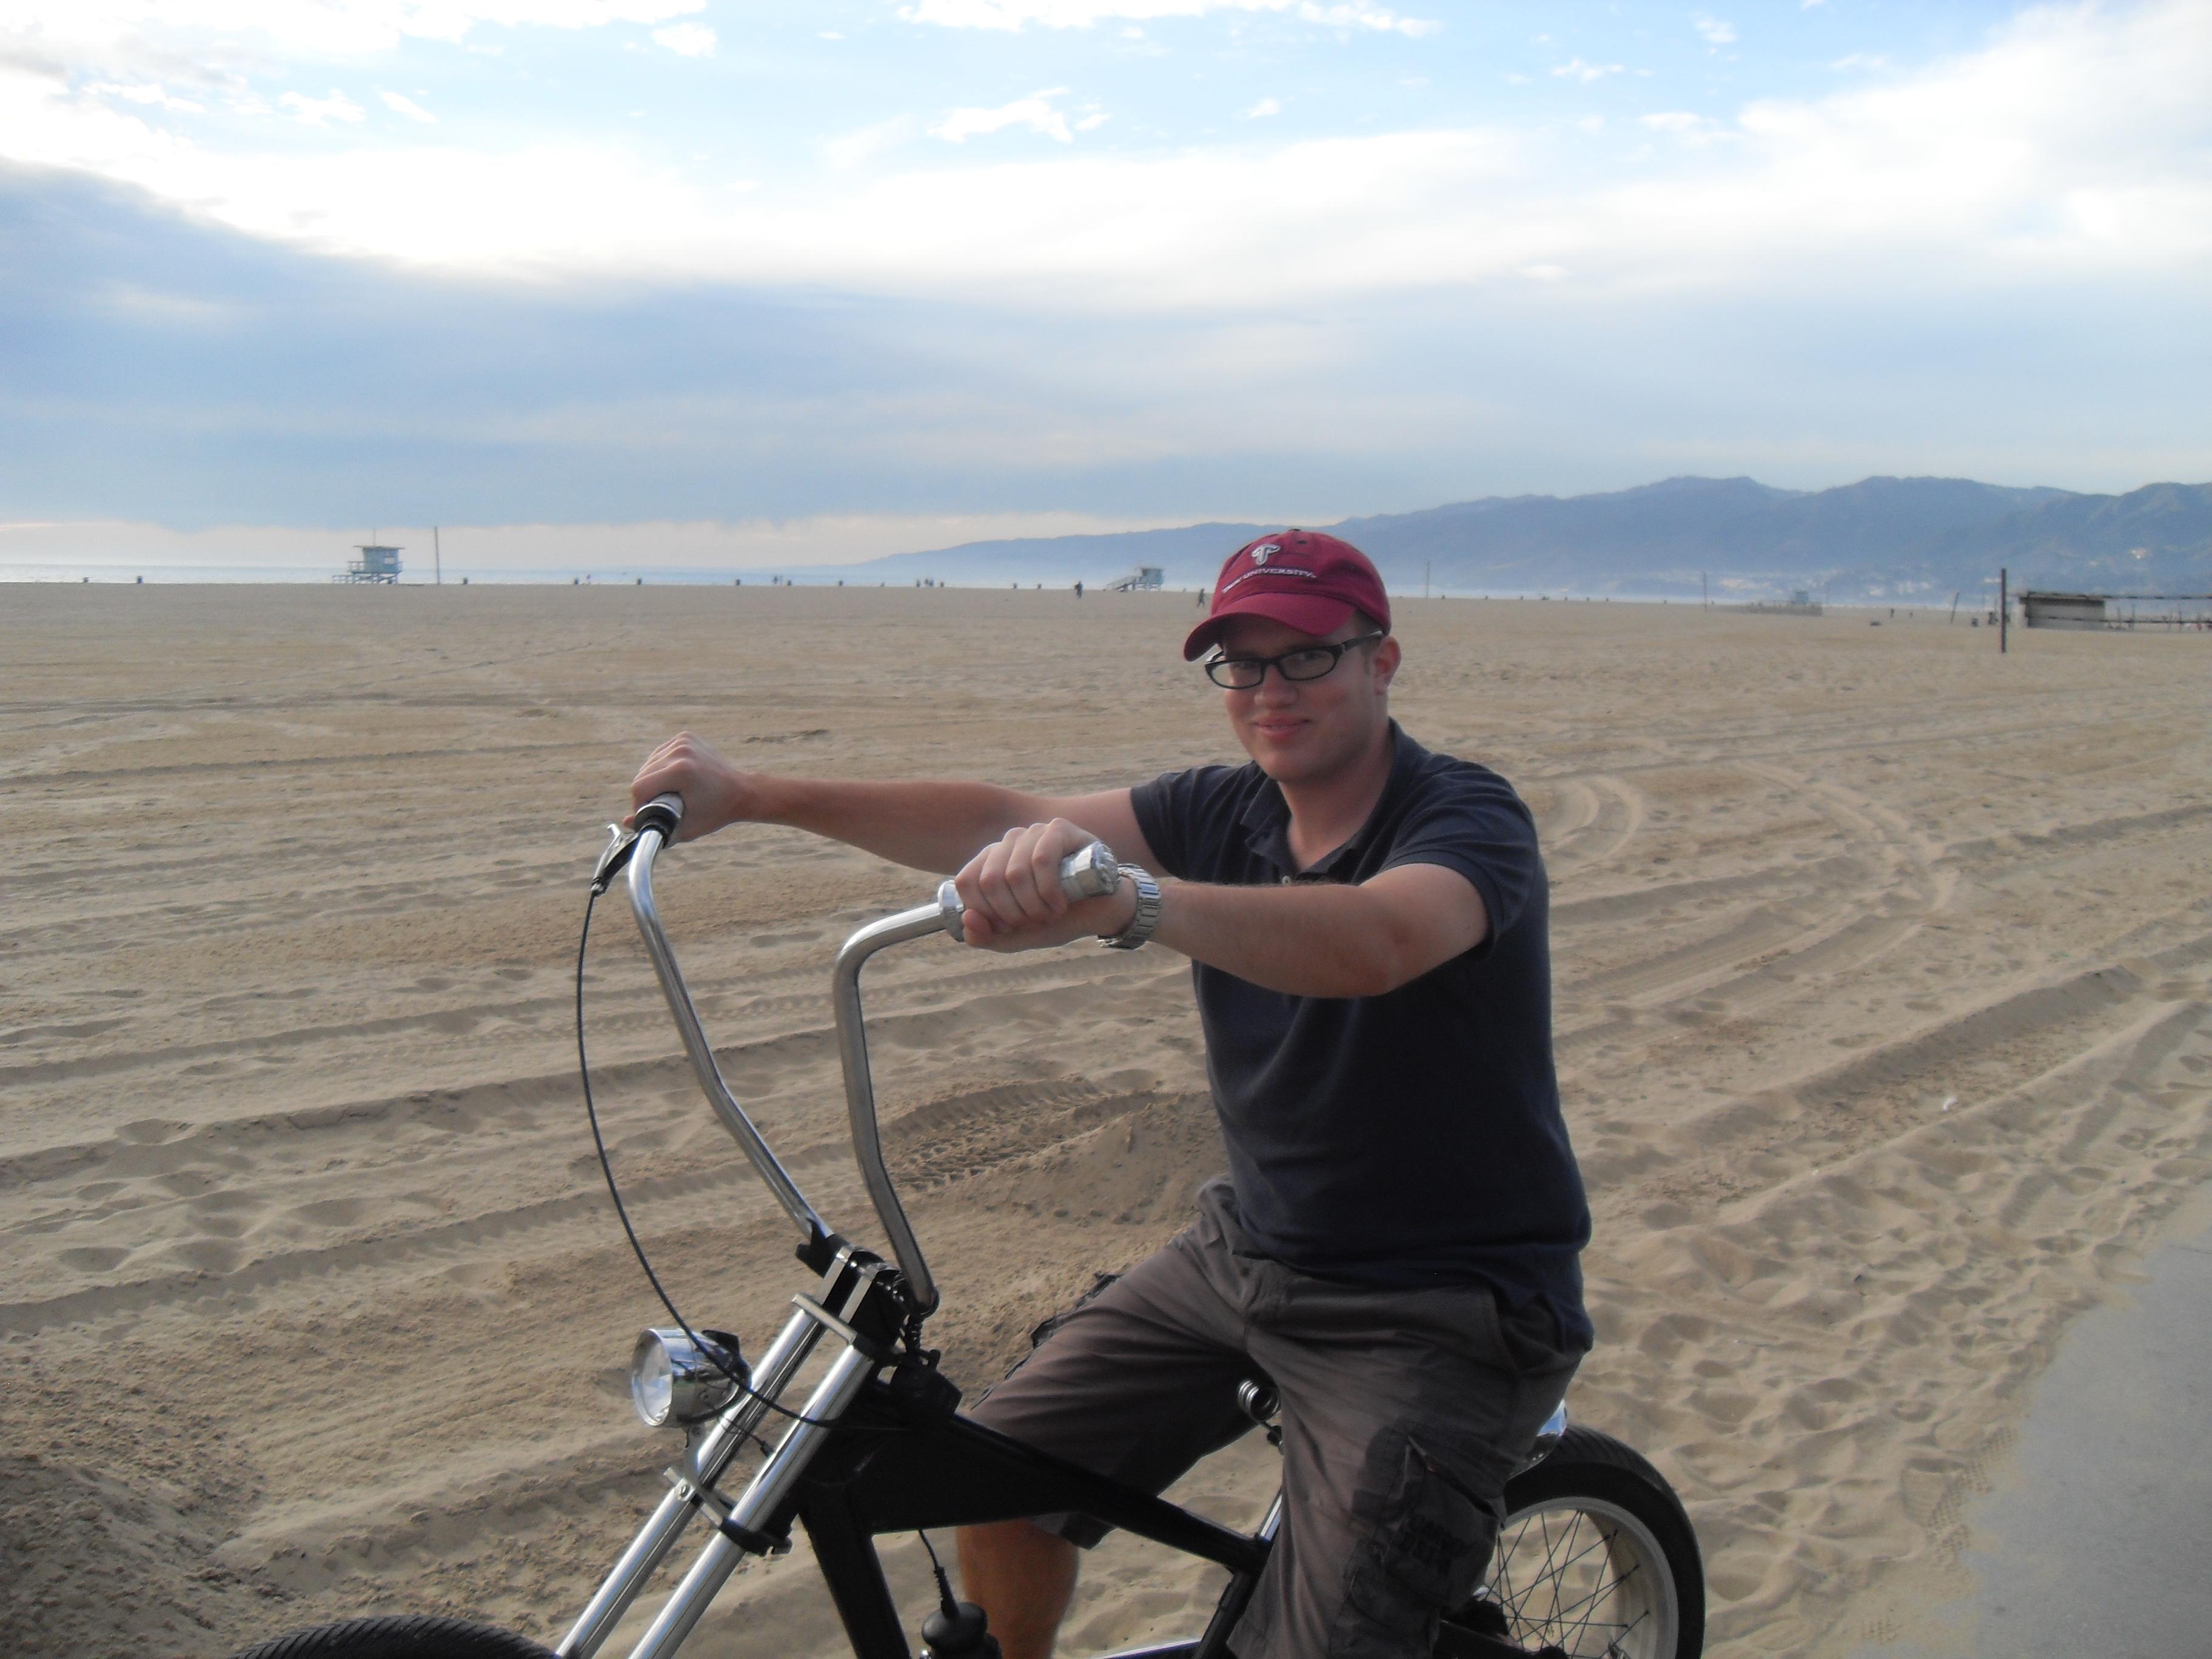 Biken in Santa Monica Beach